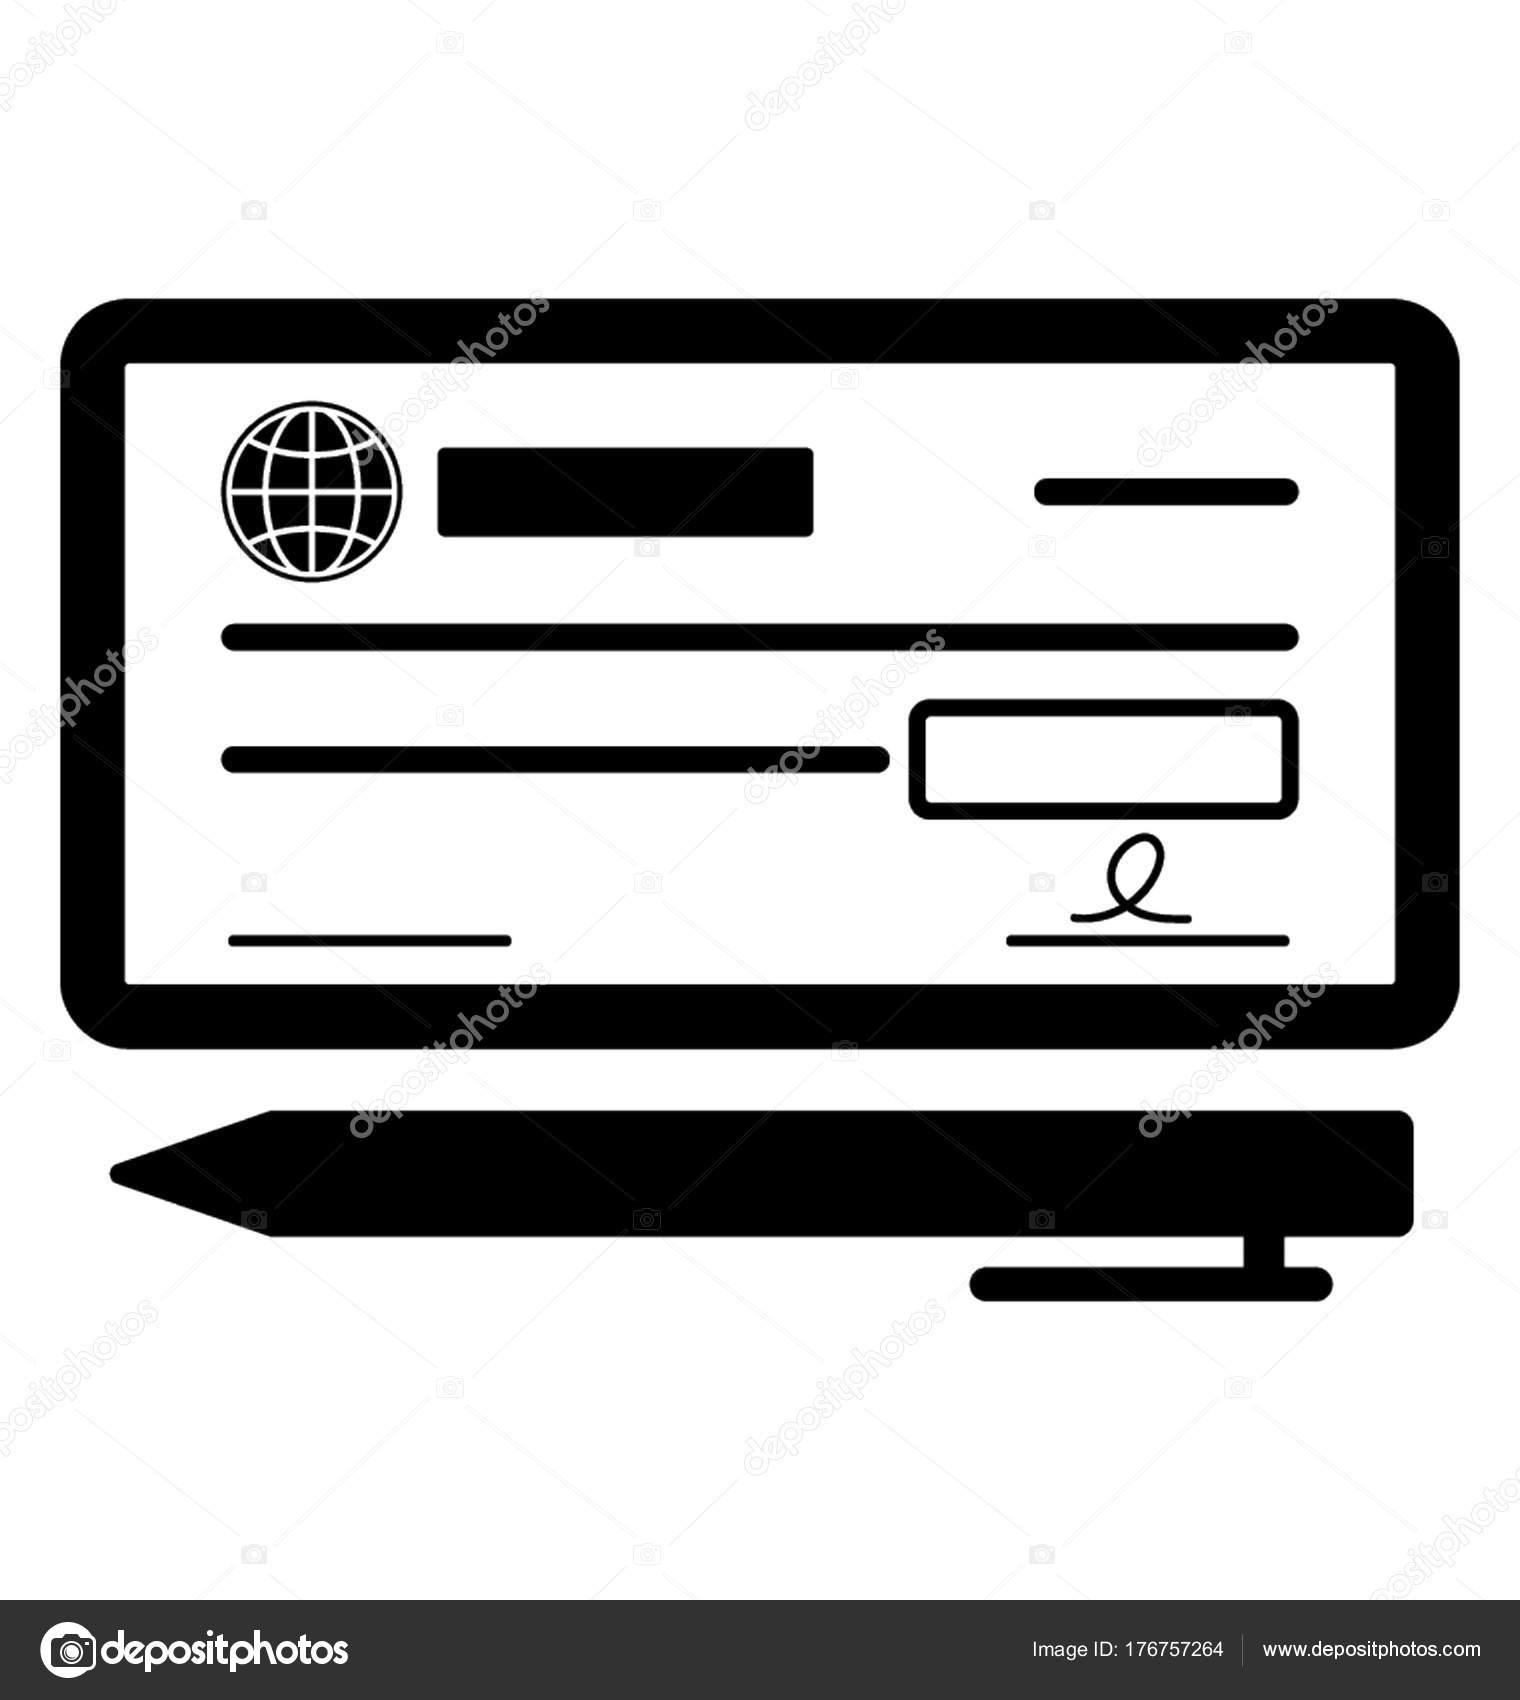 bank check payment glyph vector icon stock vector vectorsmarket rh depositphotos com bank check clip art image Check Money Clip Art